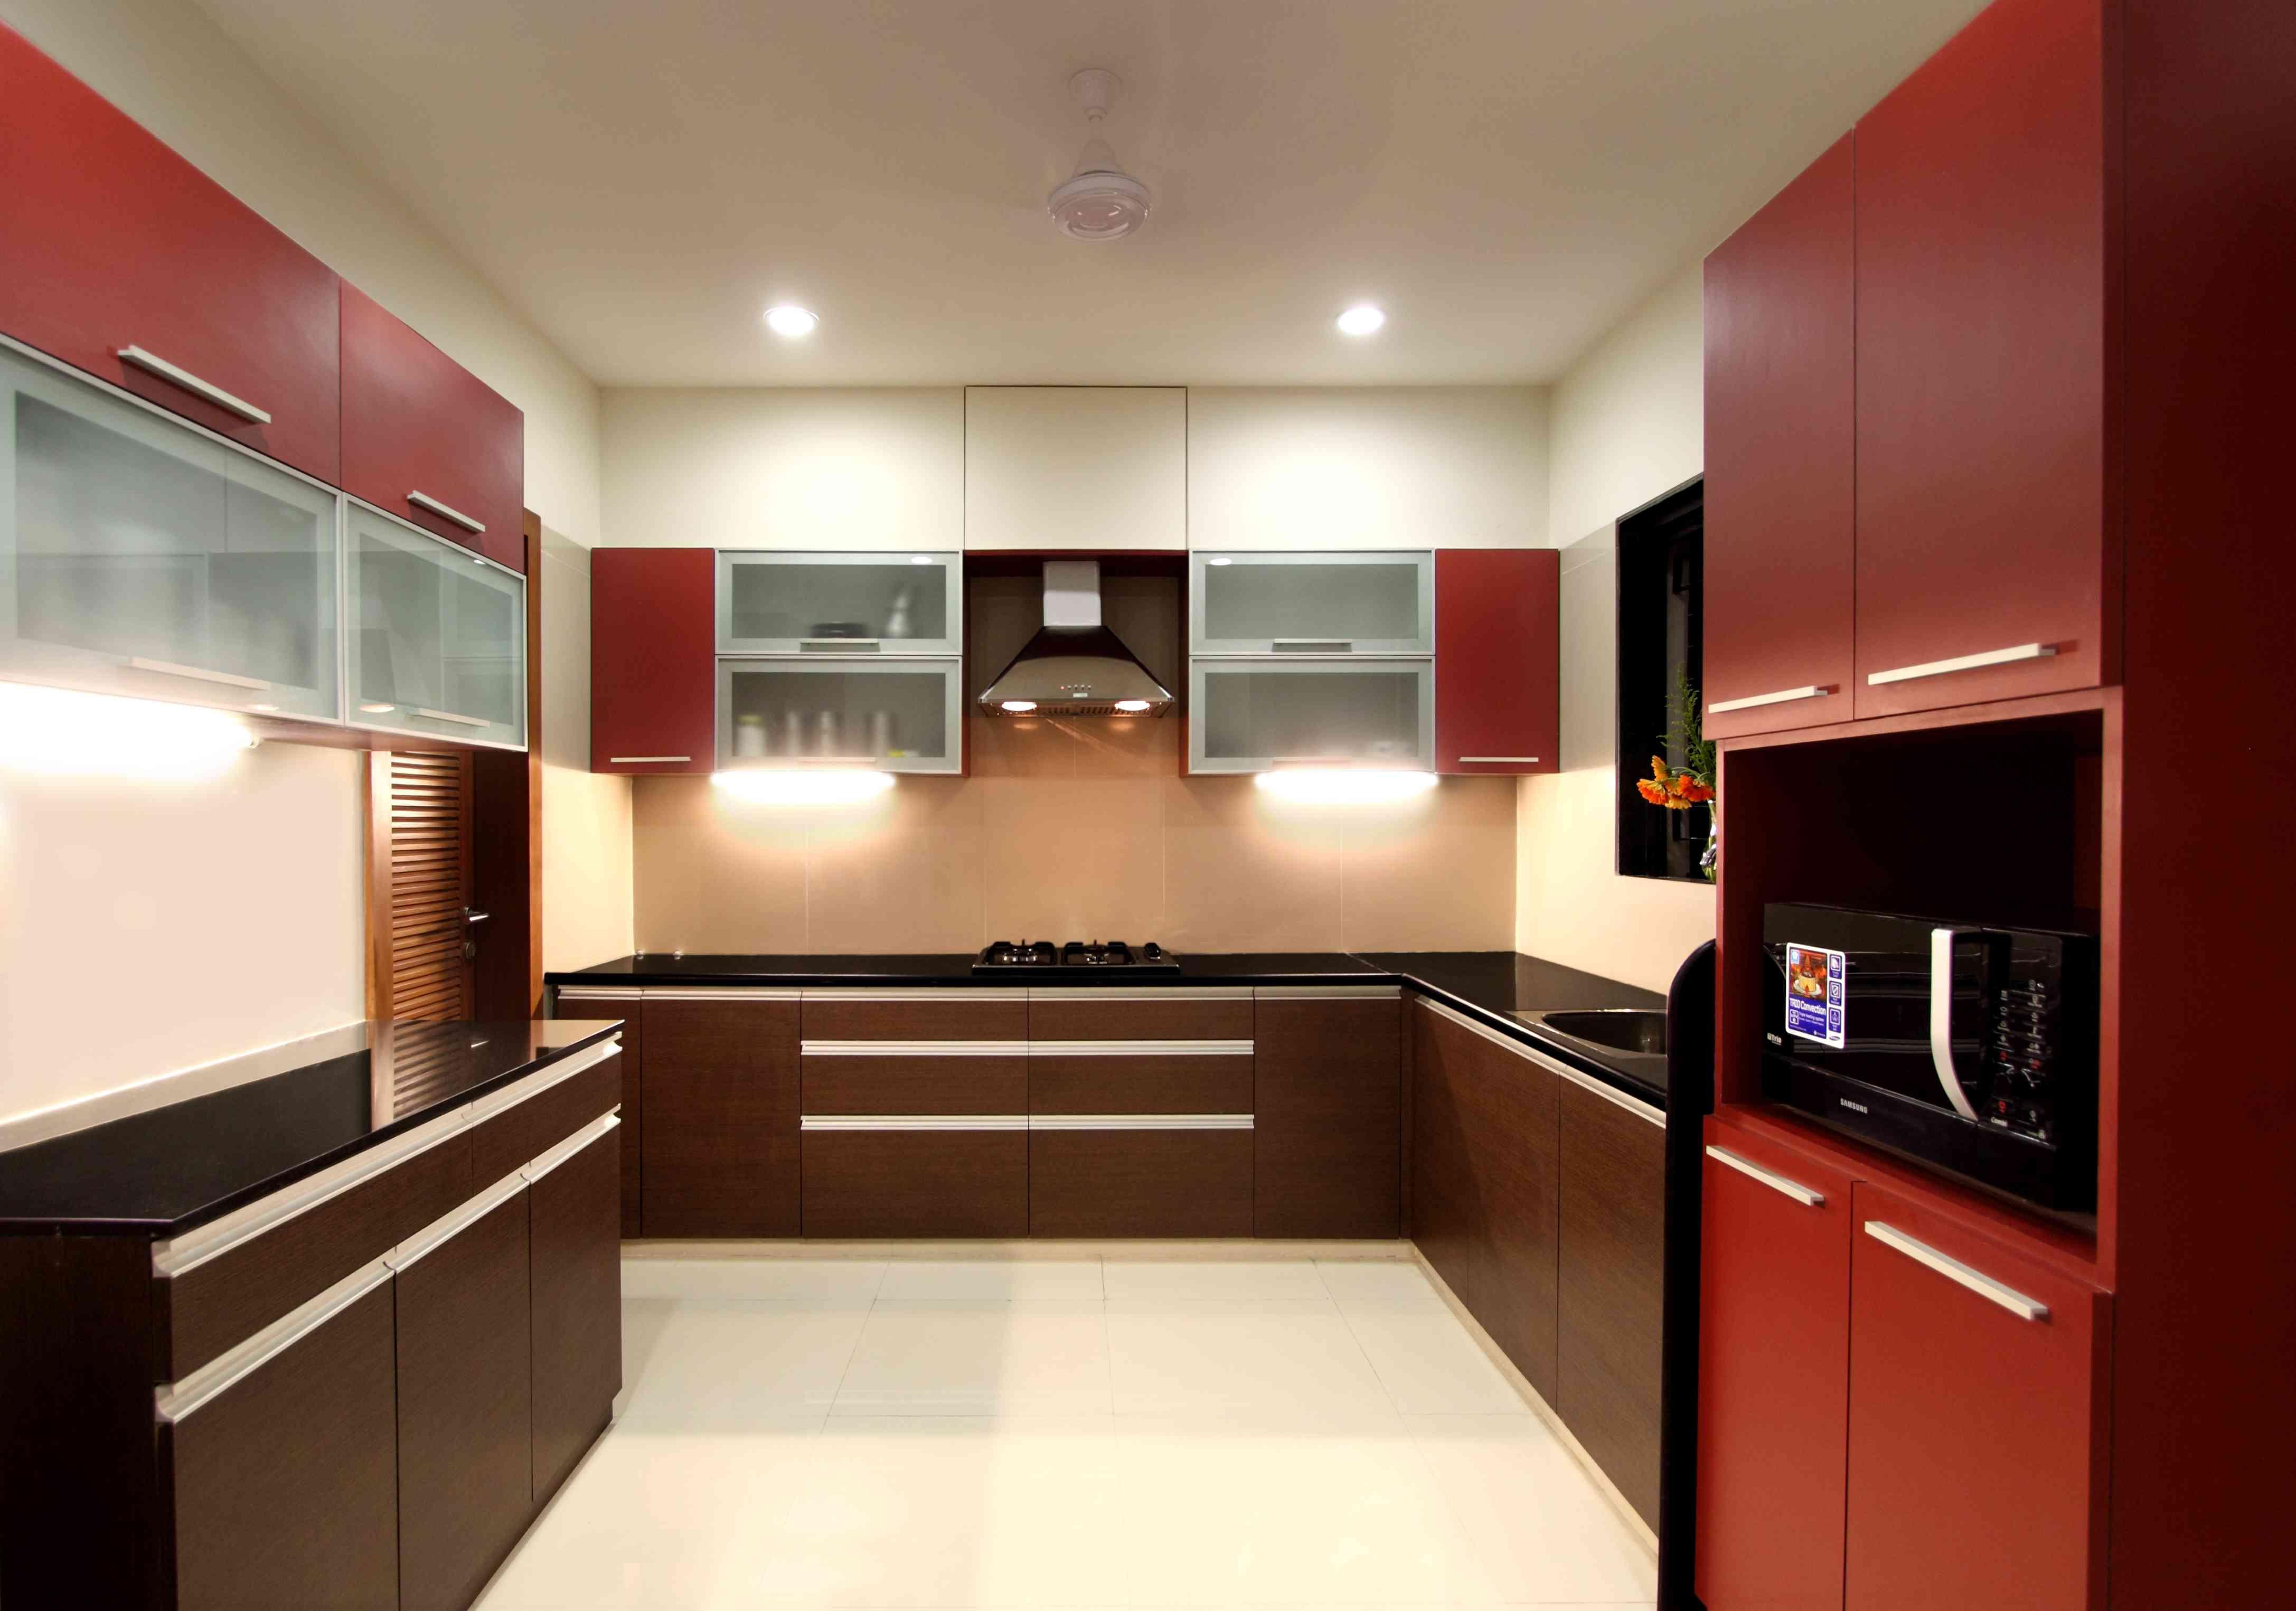 kitchen interiors designs | kitchen interior design ideas, photos